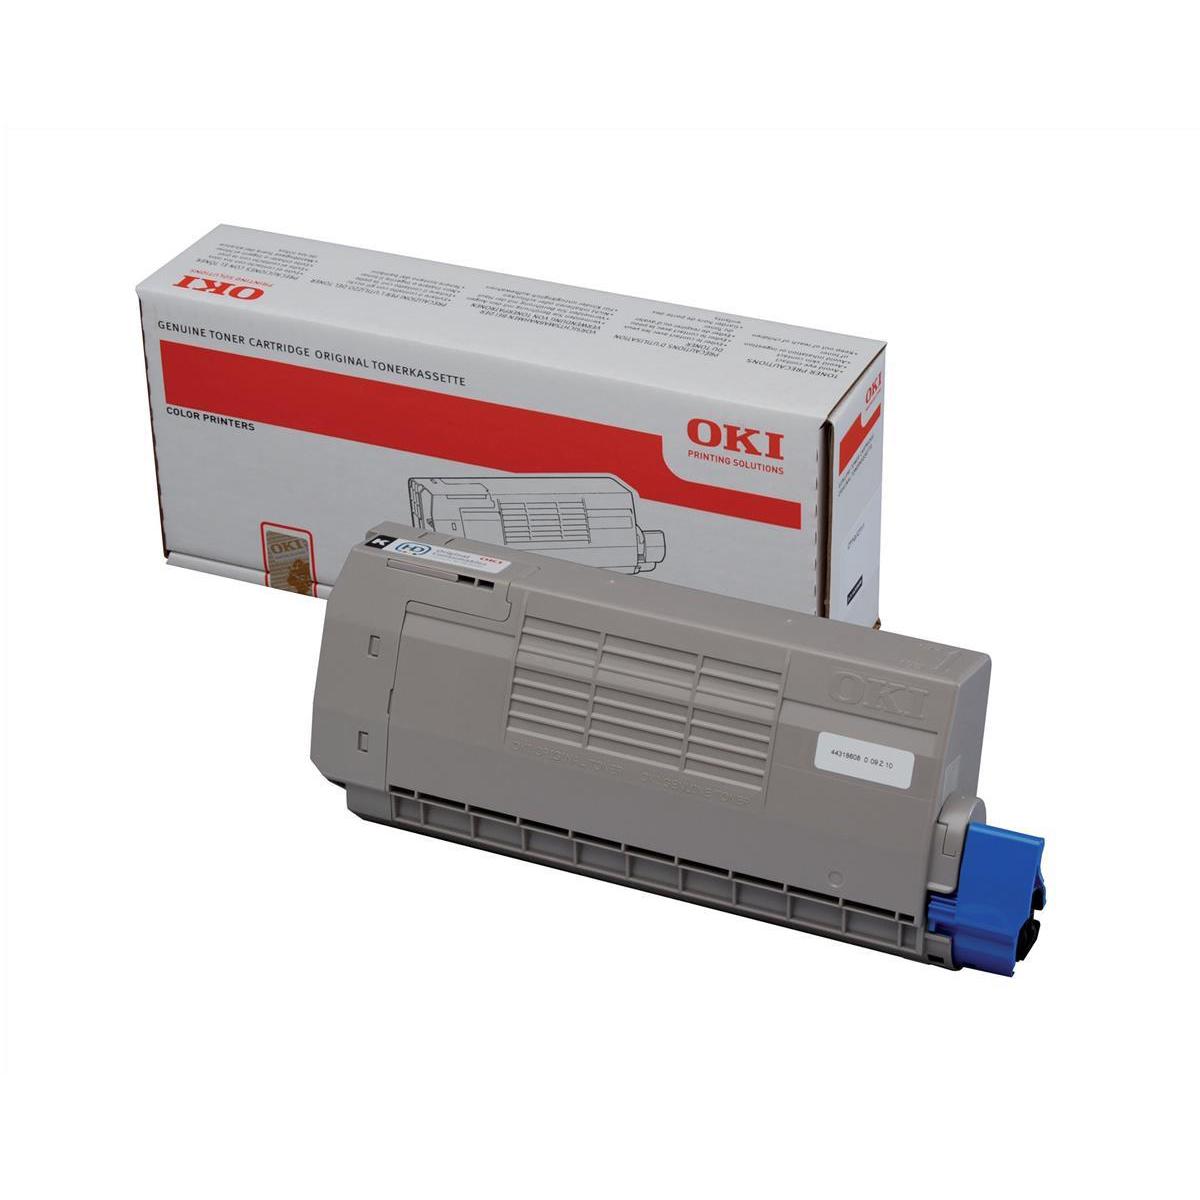 Laser Toner Cartridges OKI Laser Toner Cartridge High Yield Page Life 11000pp Black Ref 44318608